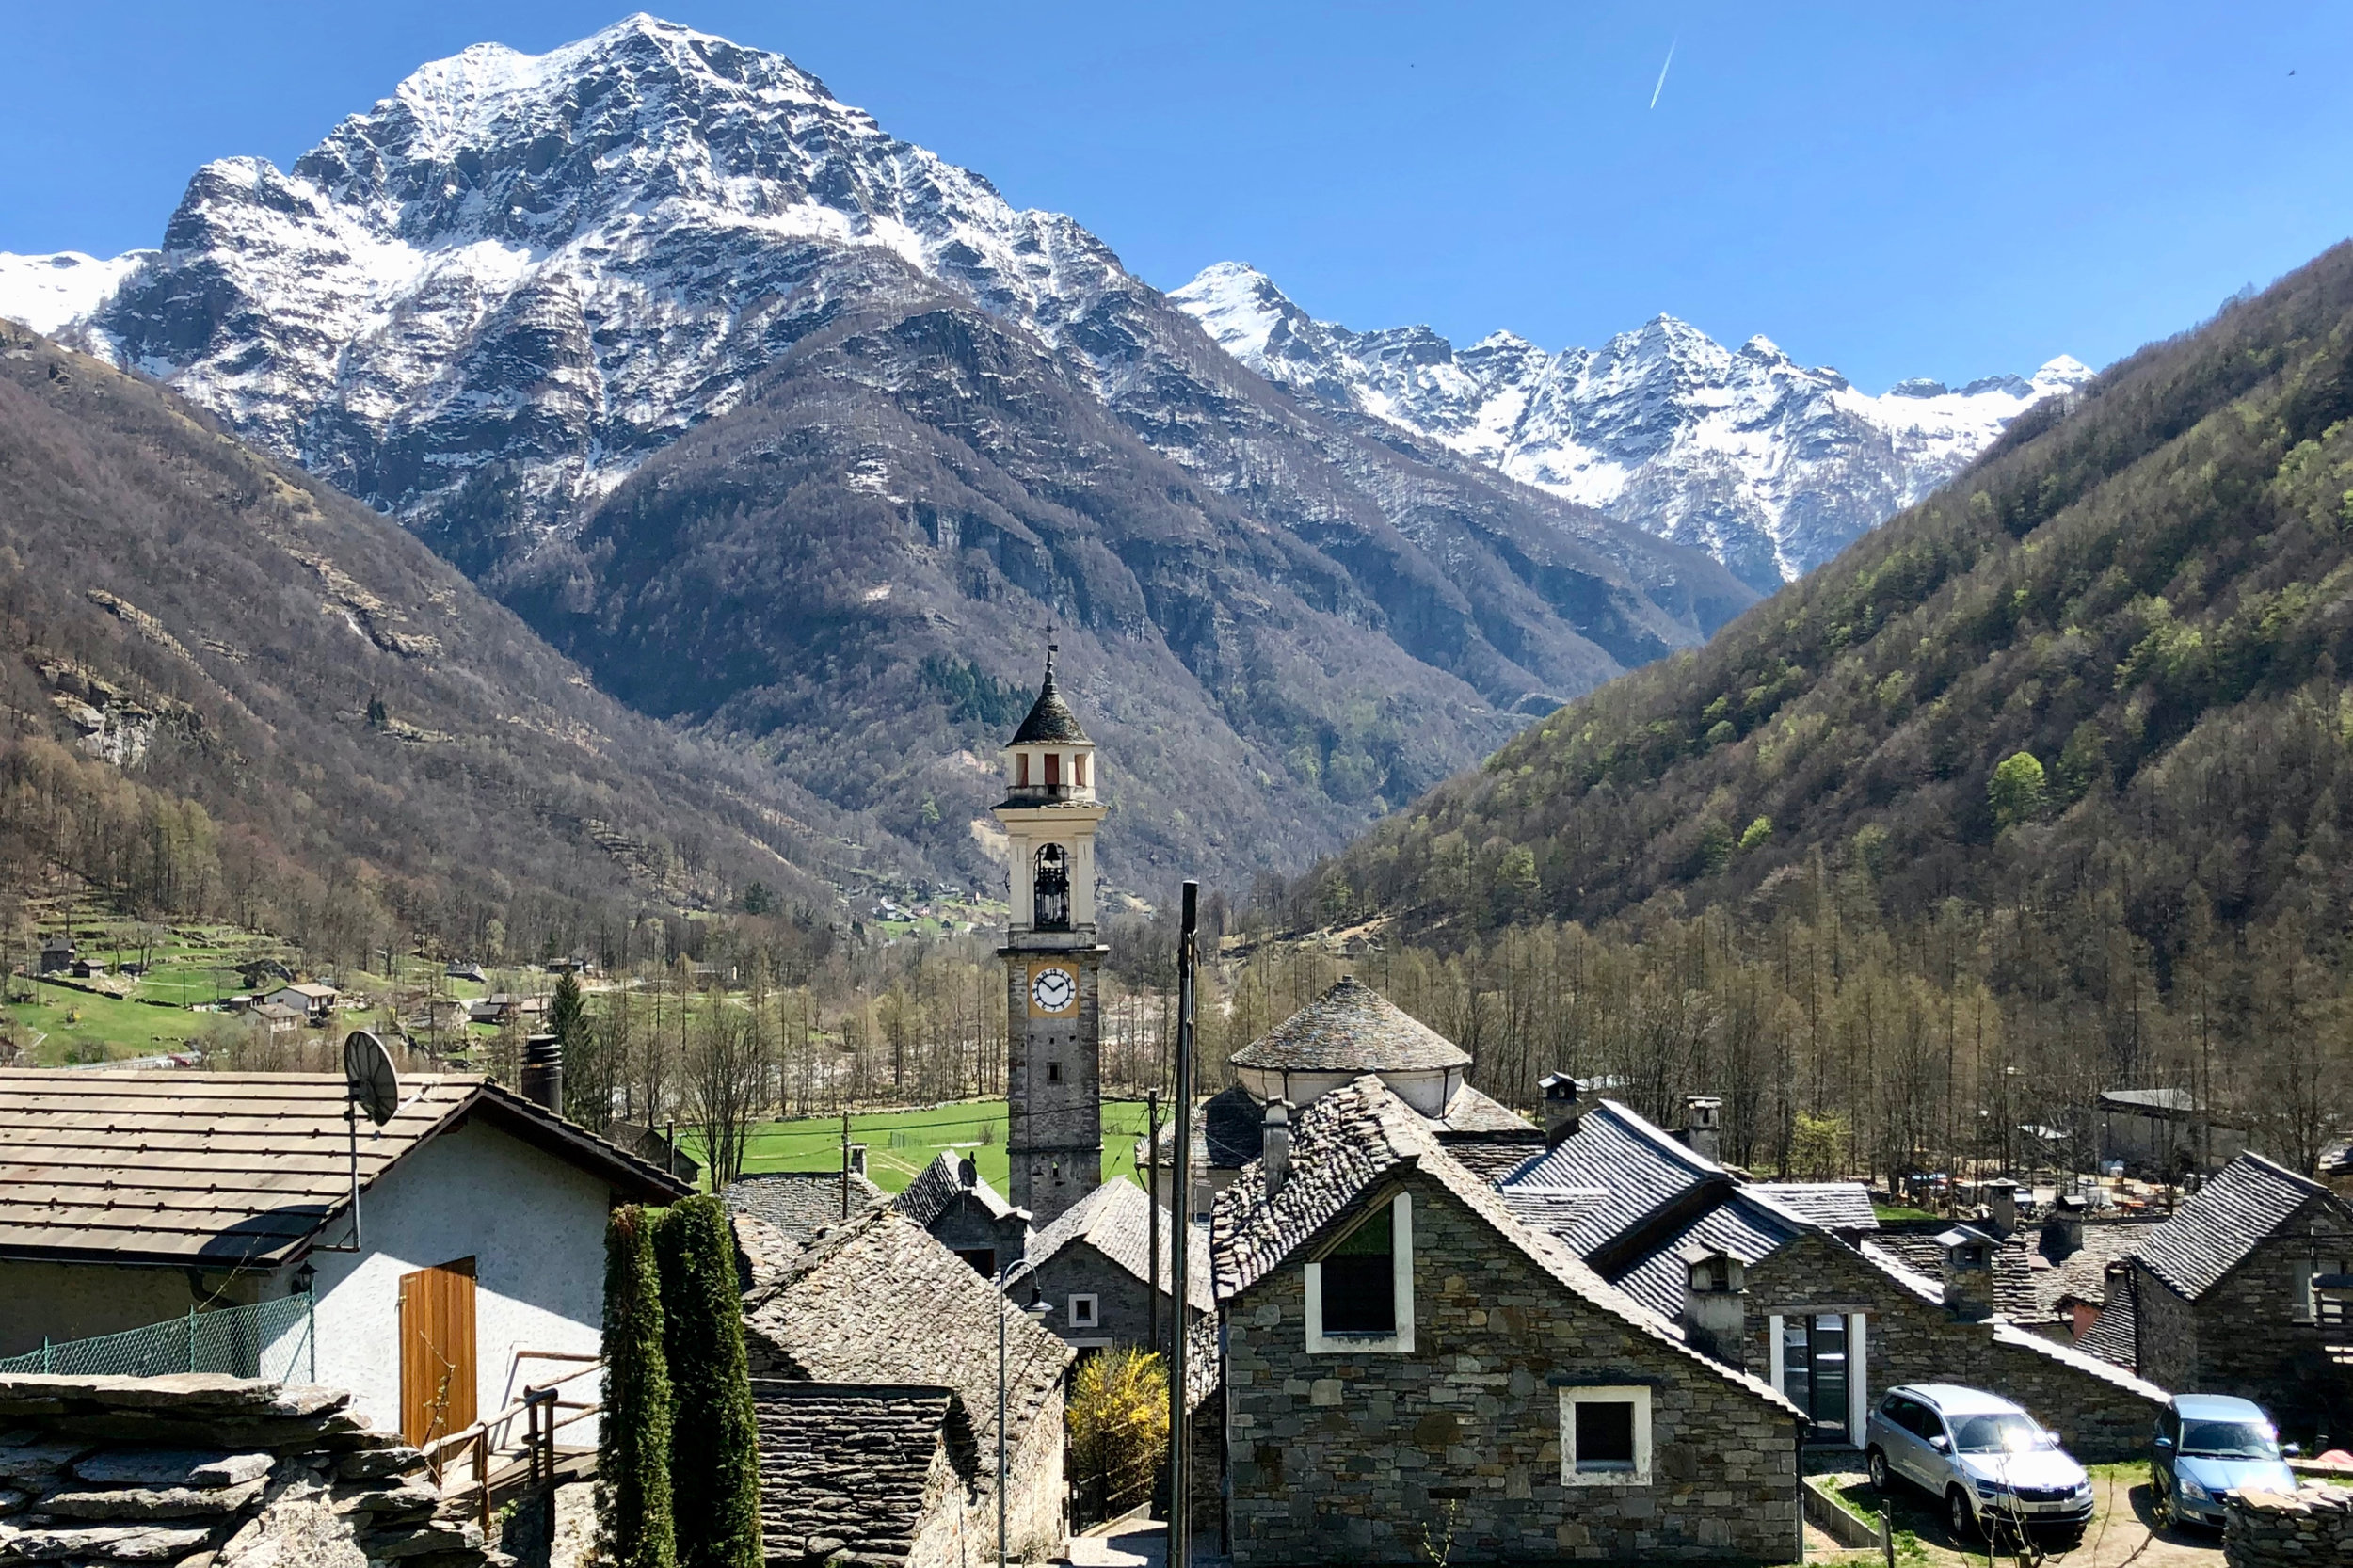 Village of Sunogo